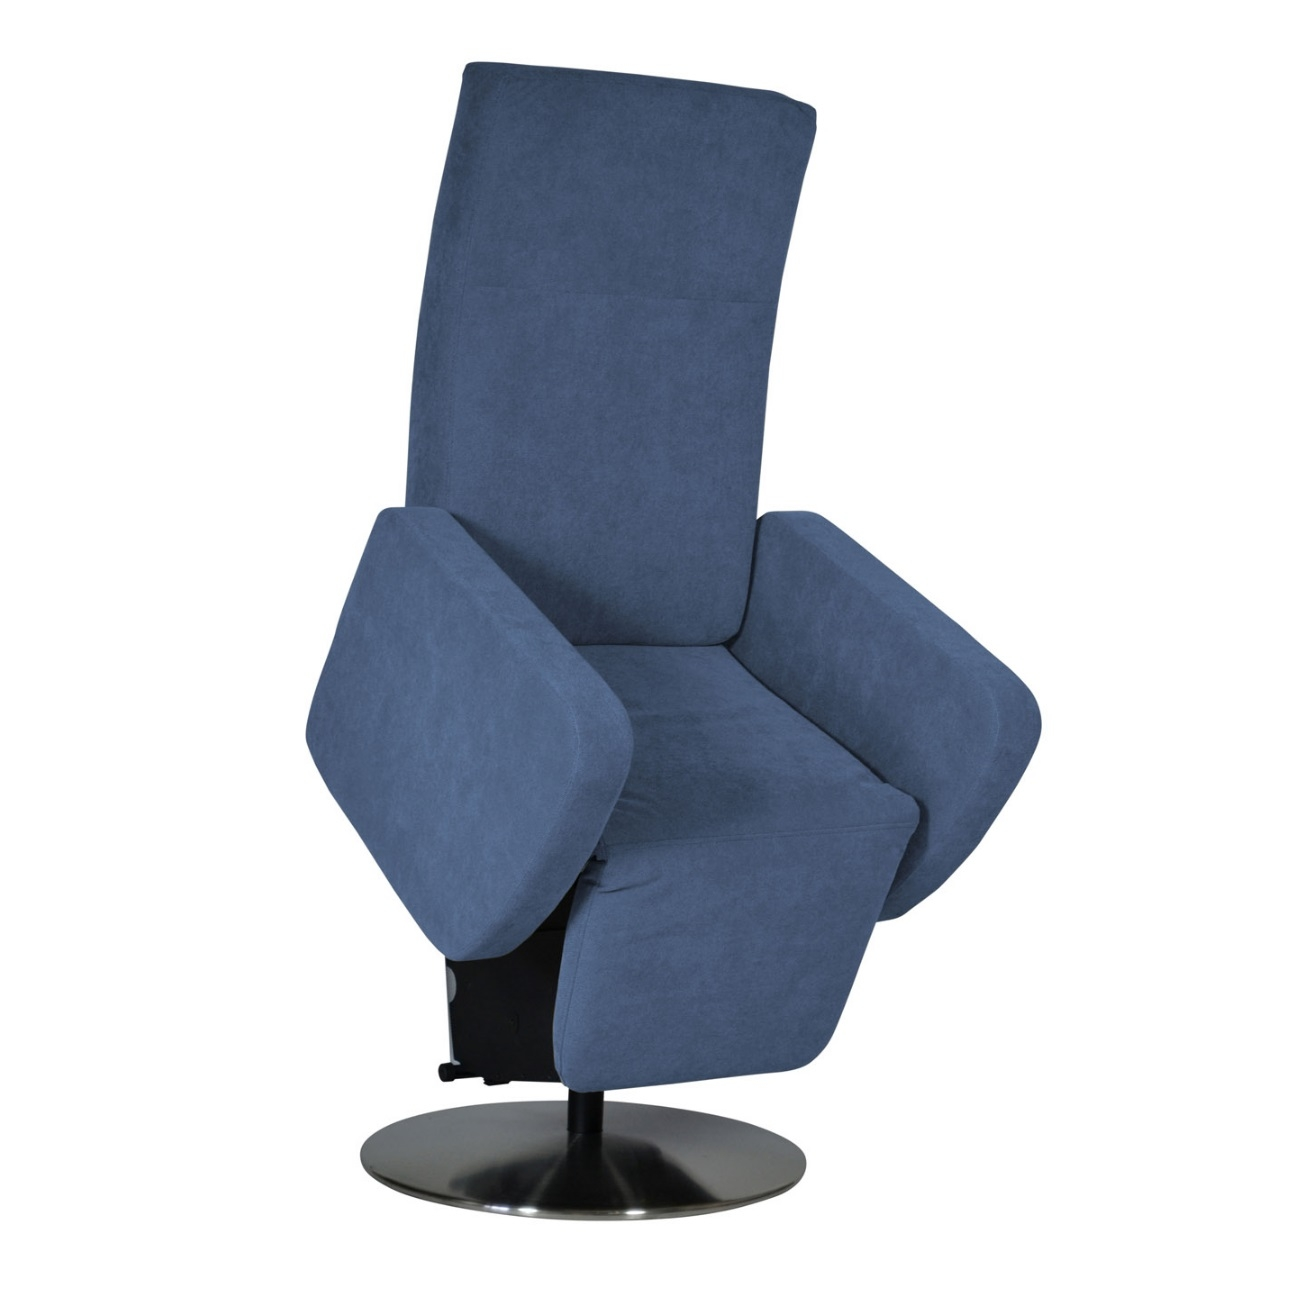 relaxsessel mit aufstehfunktion bei seeger24 online bestellen online sanit tshaus. Black Bedroom Furniture Sets. Home Design Ideas